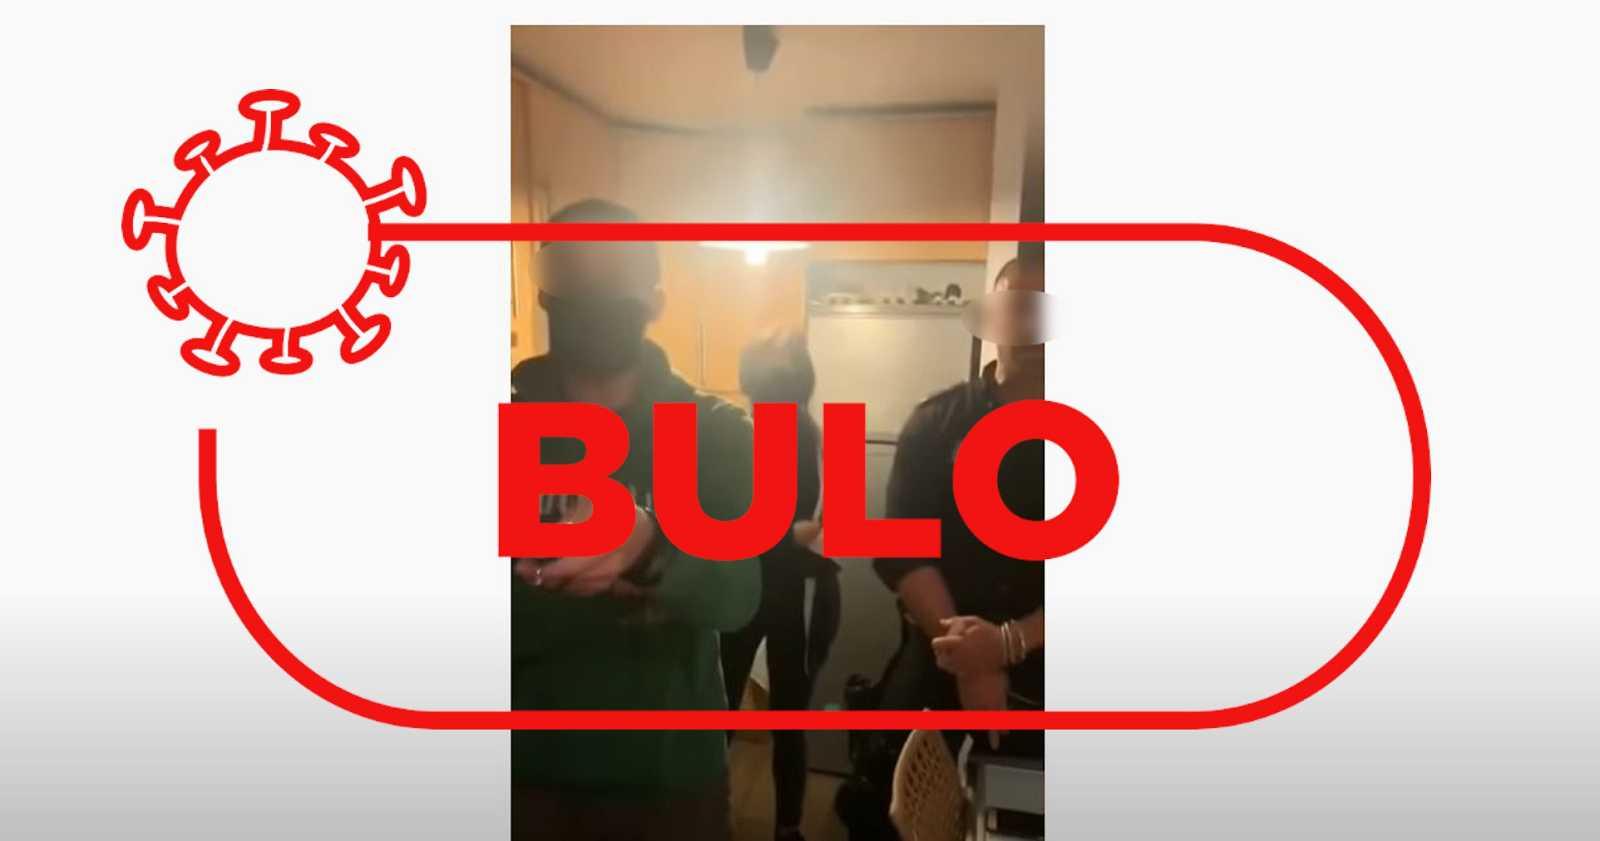 Imágenes del bulo sobre que la policía ha entrado en una vivienda por la cerolada